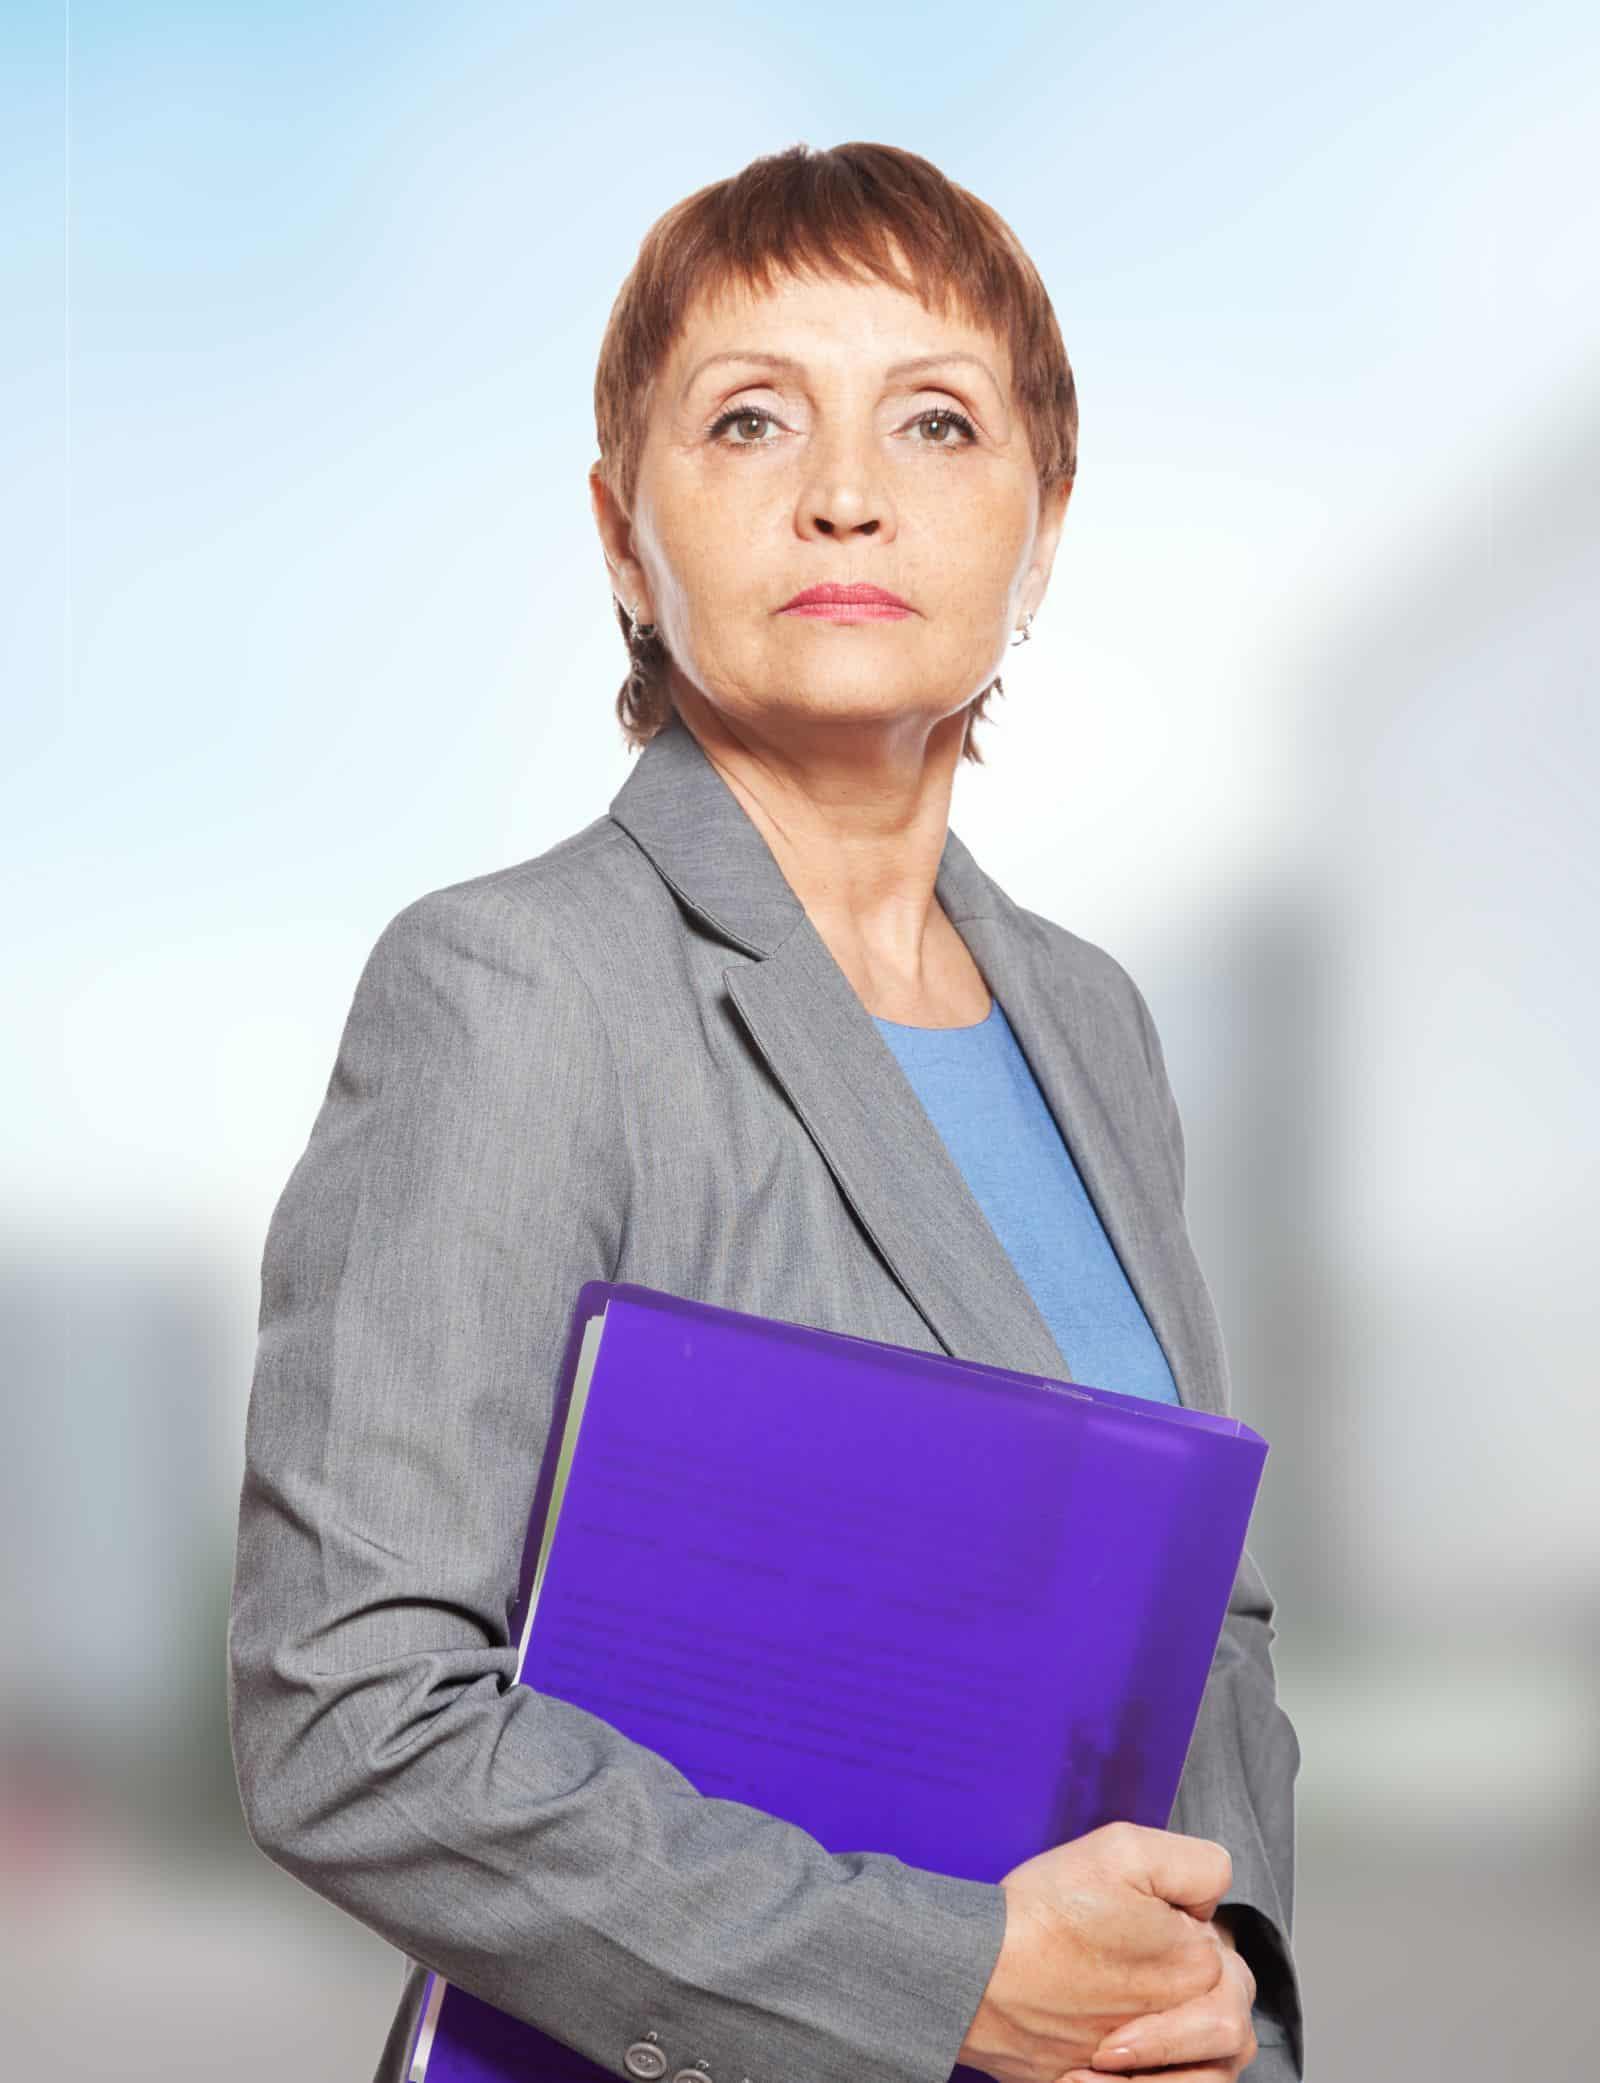 Кто имеет право на муниципальную пенсию